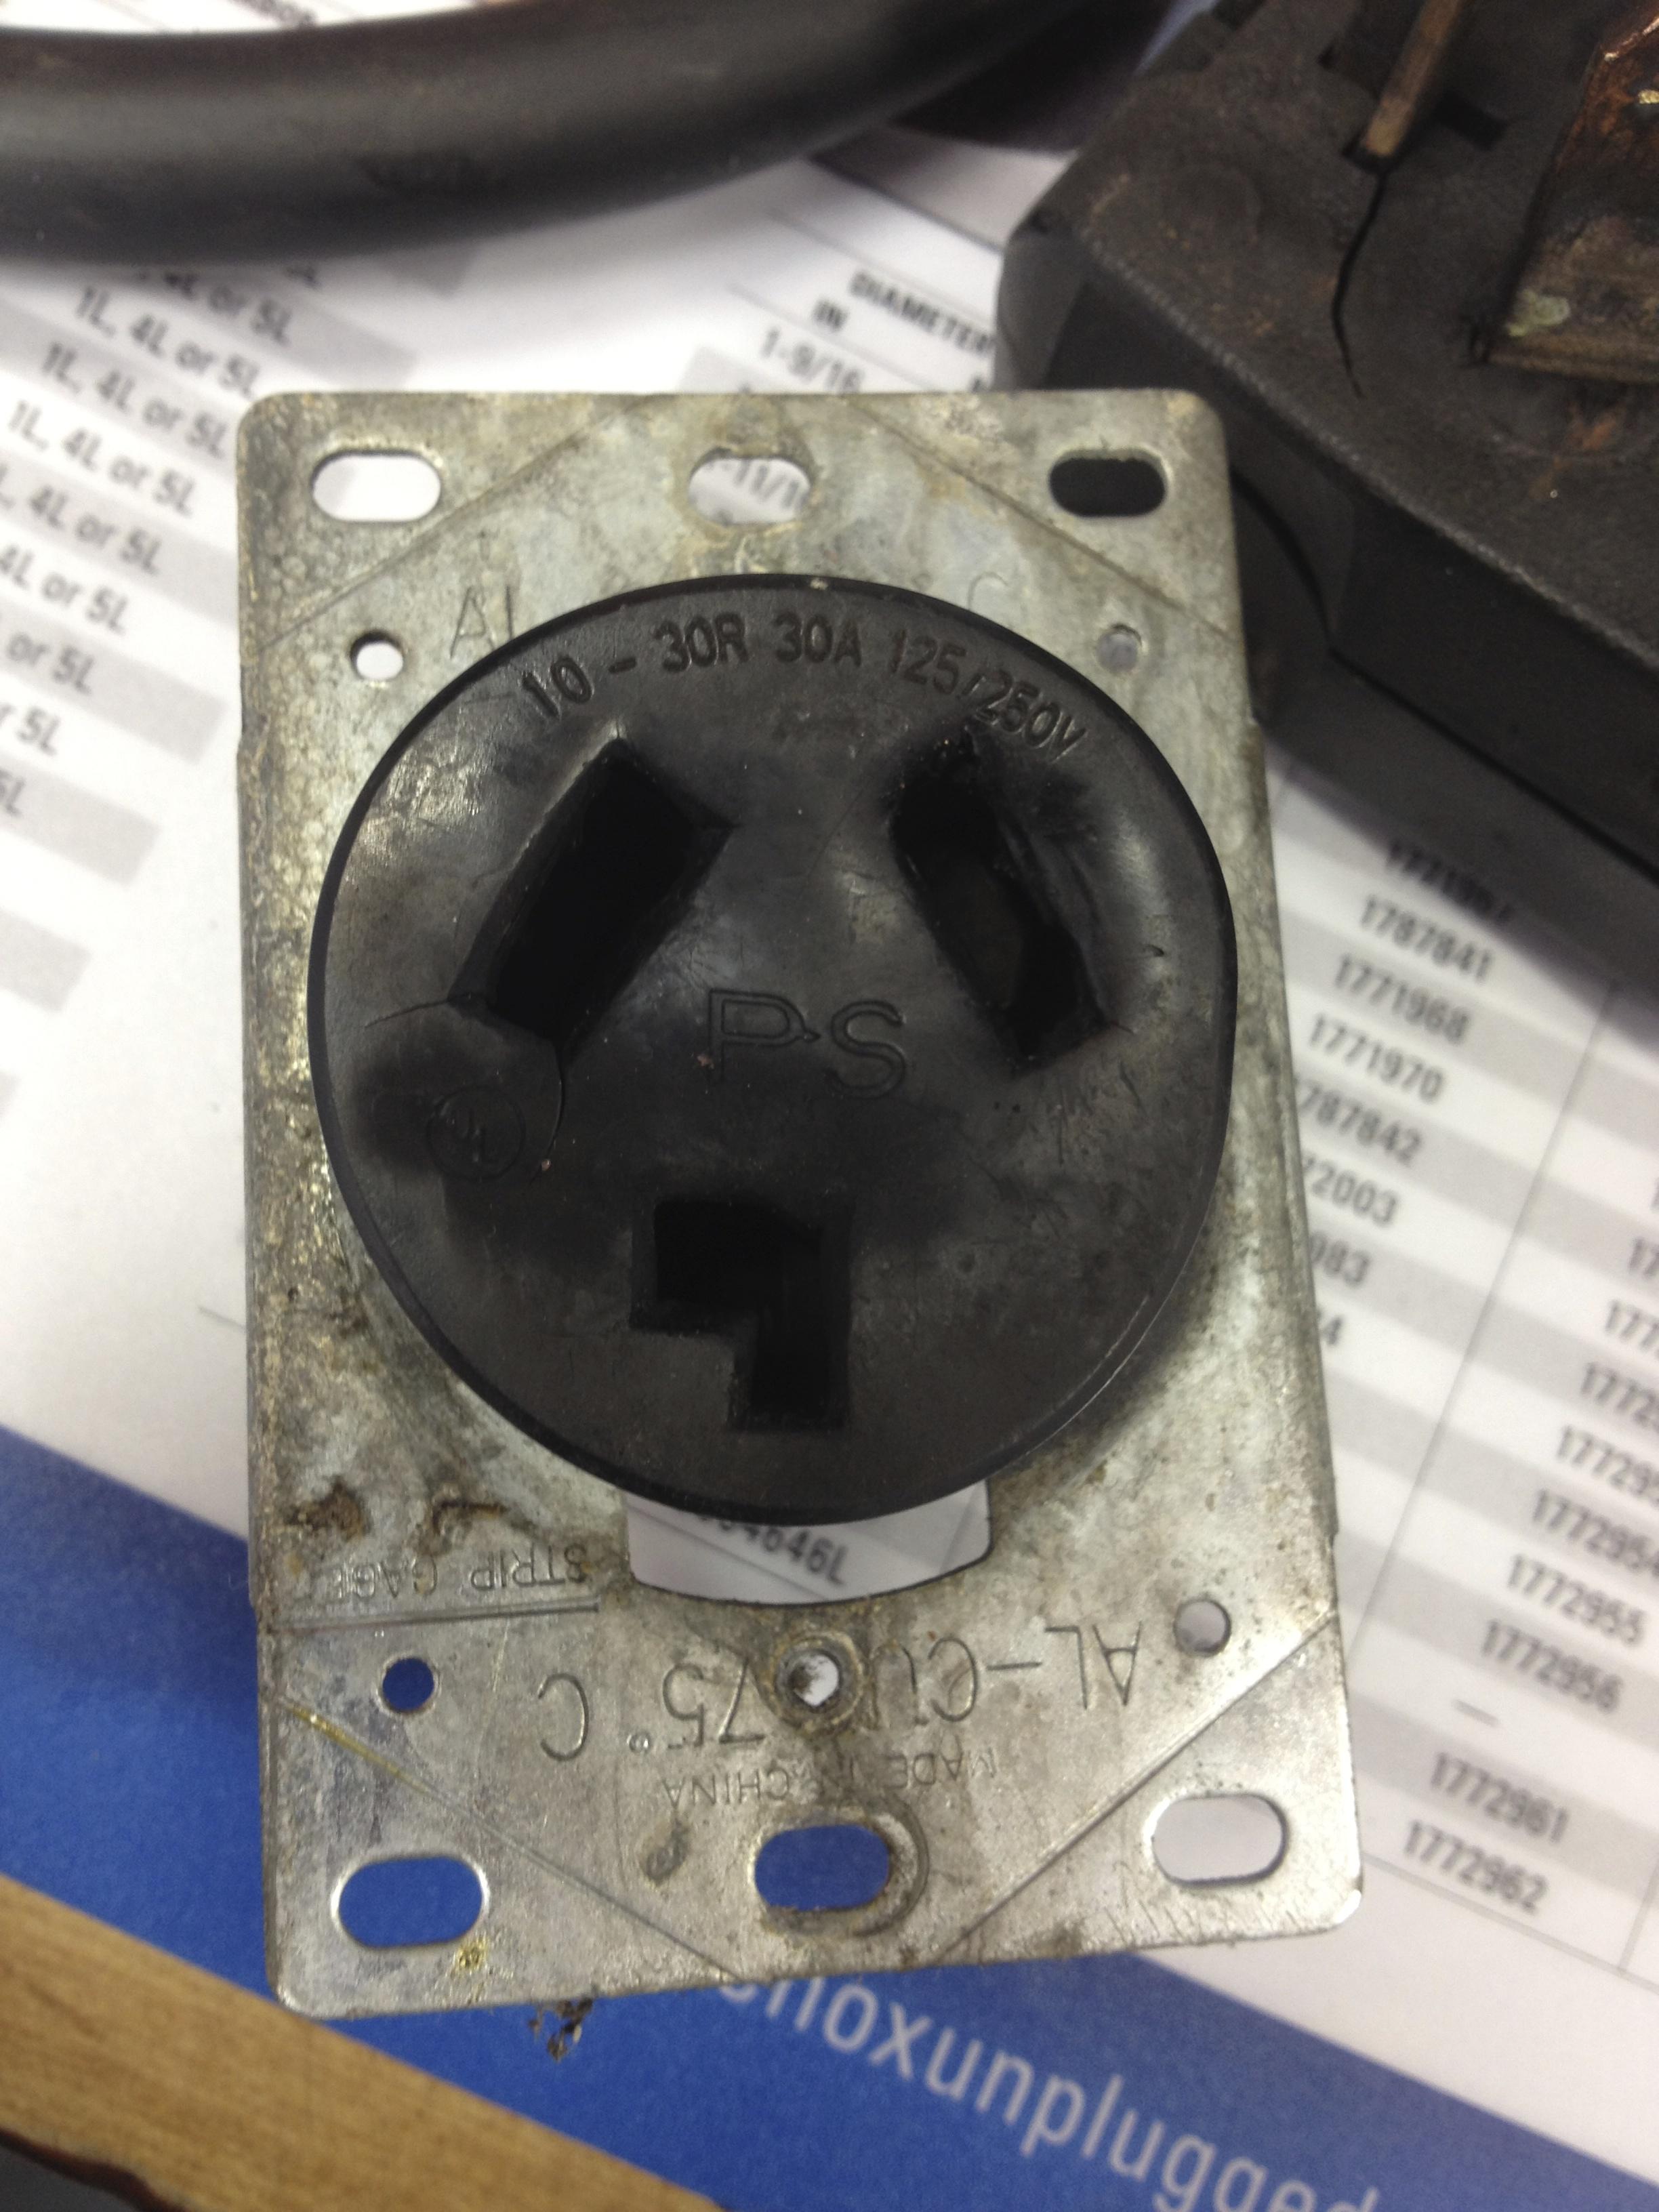 Damaged 220 volt Outlet